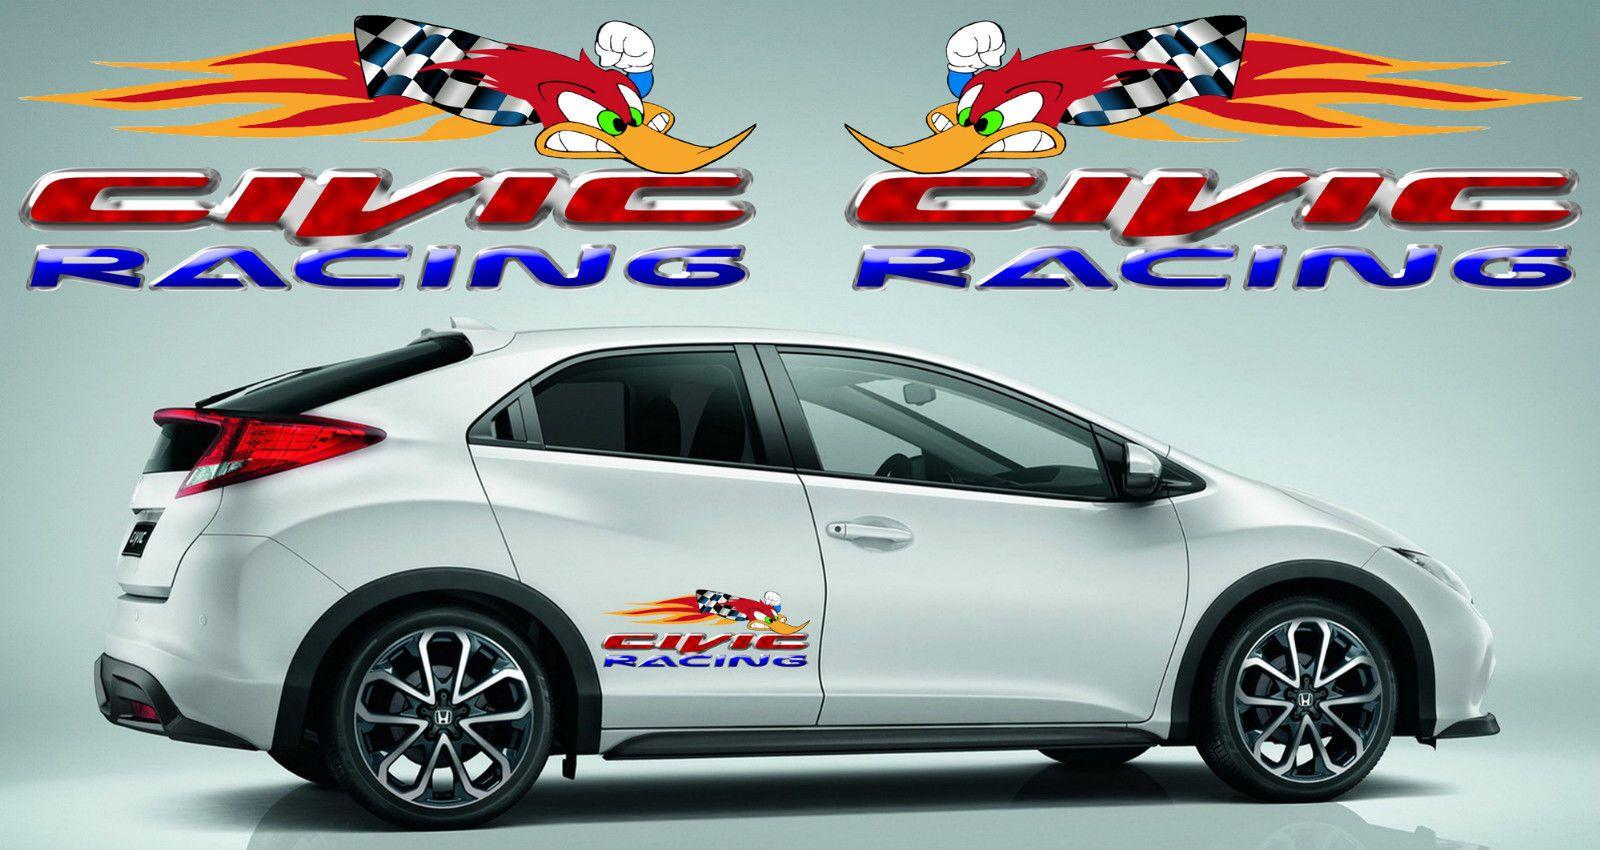 Honda car sticker design - Explore 2x Honda Honda Civic And More